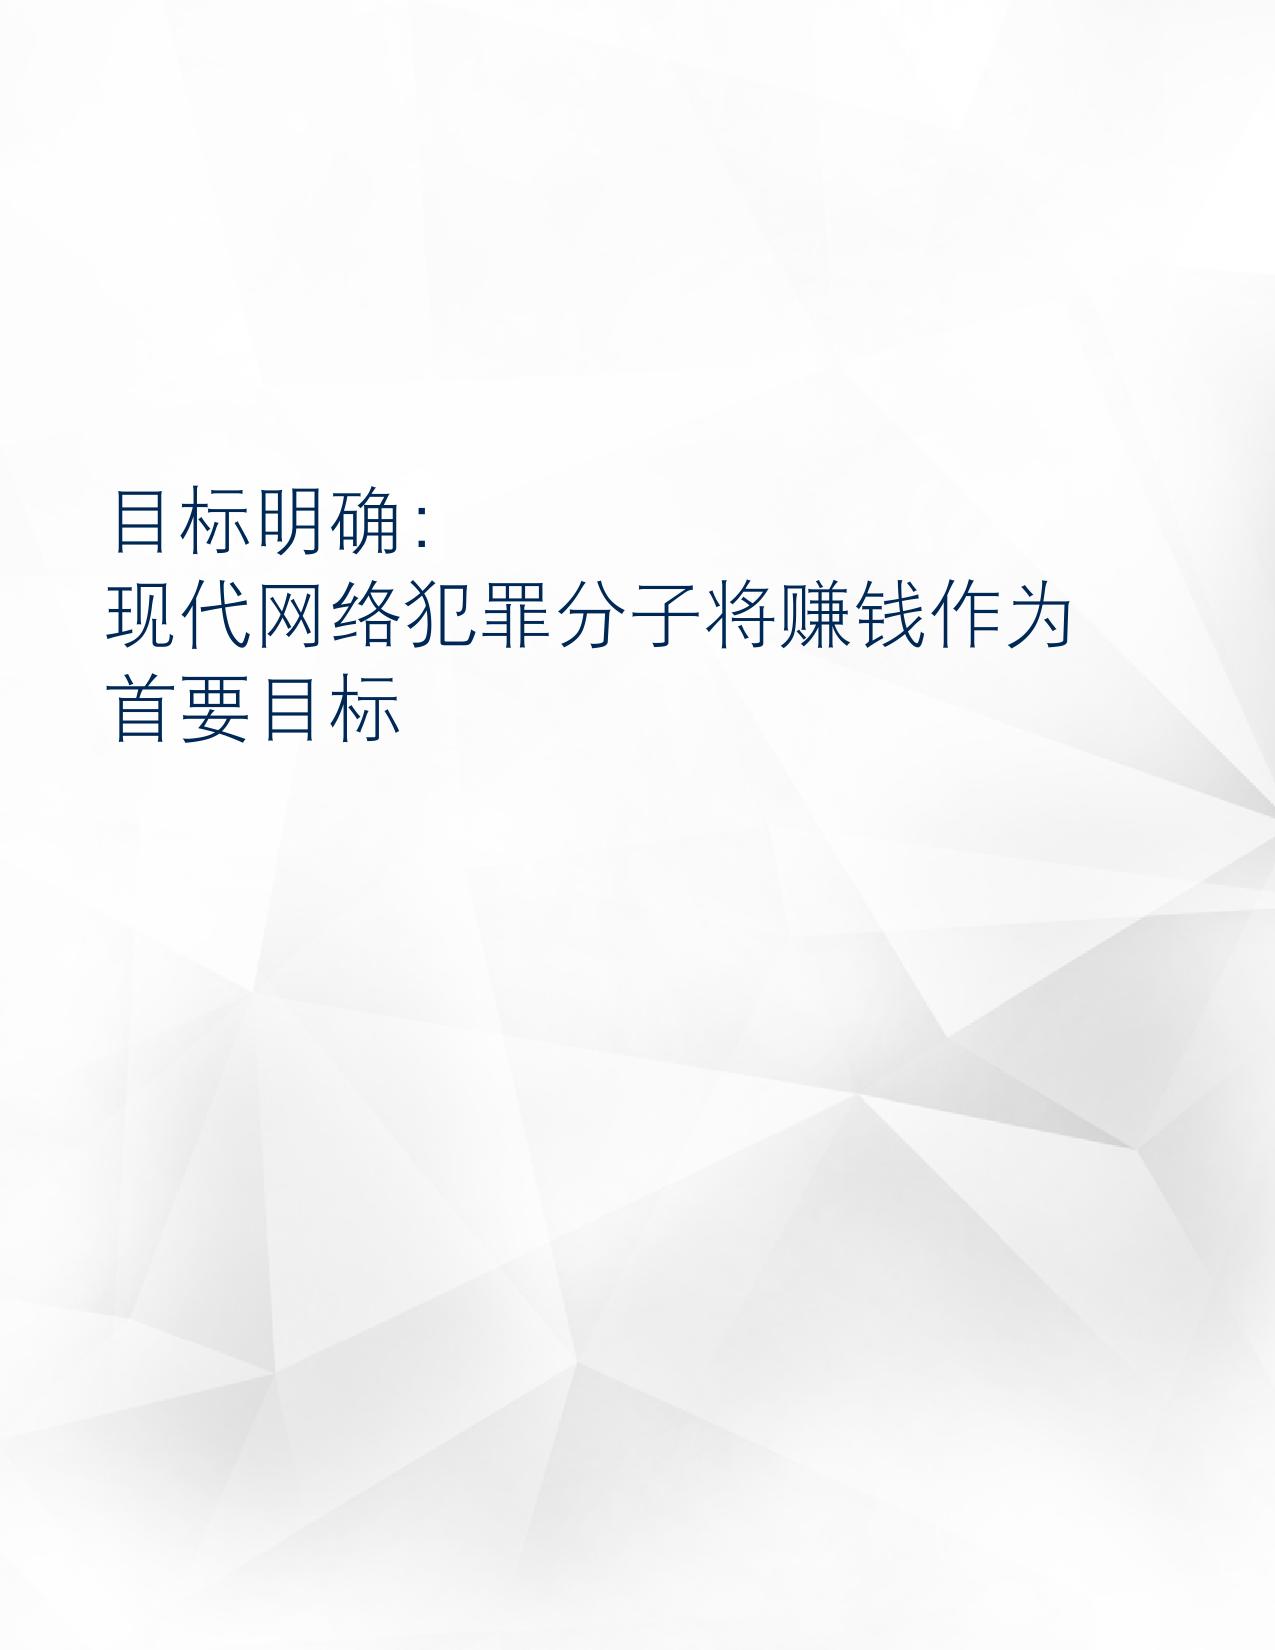 2016年中网络安全报告_000007